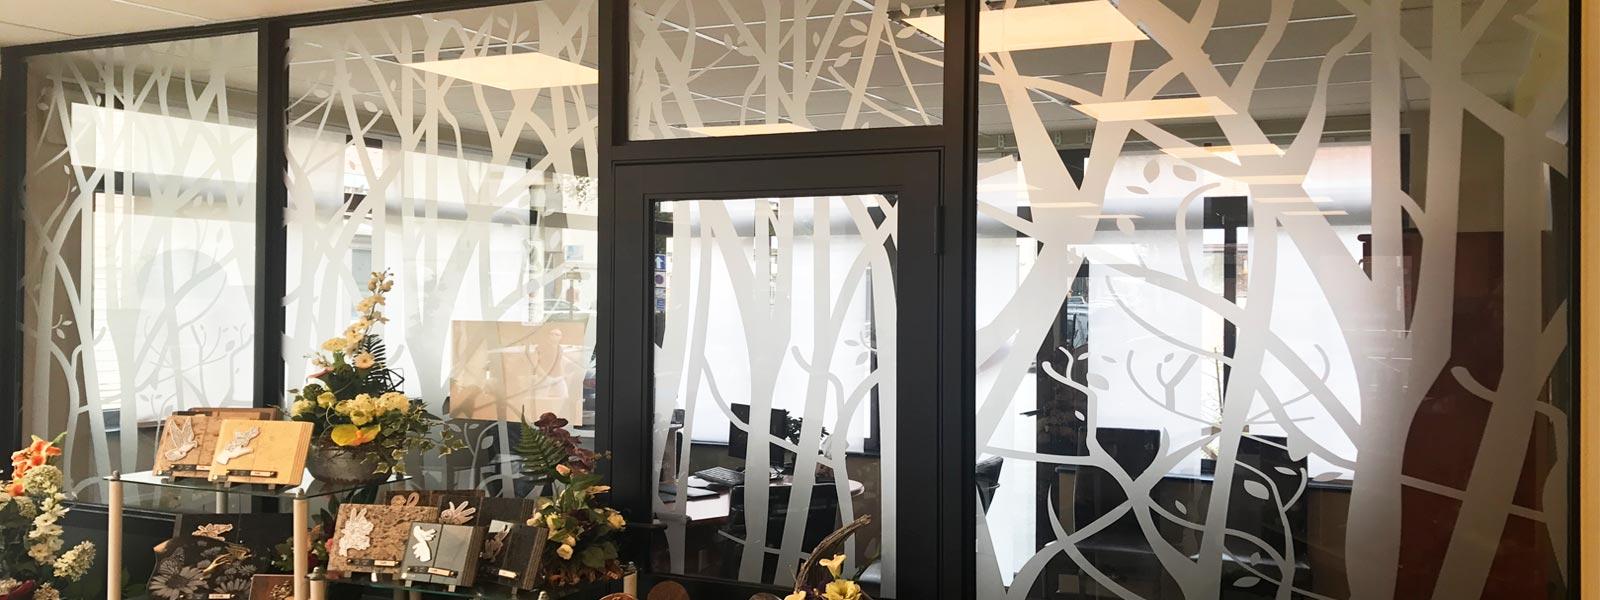 Lettrage d coration adh sive sur vitrine 62 lens for Decoration porte adhesive